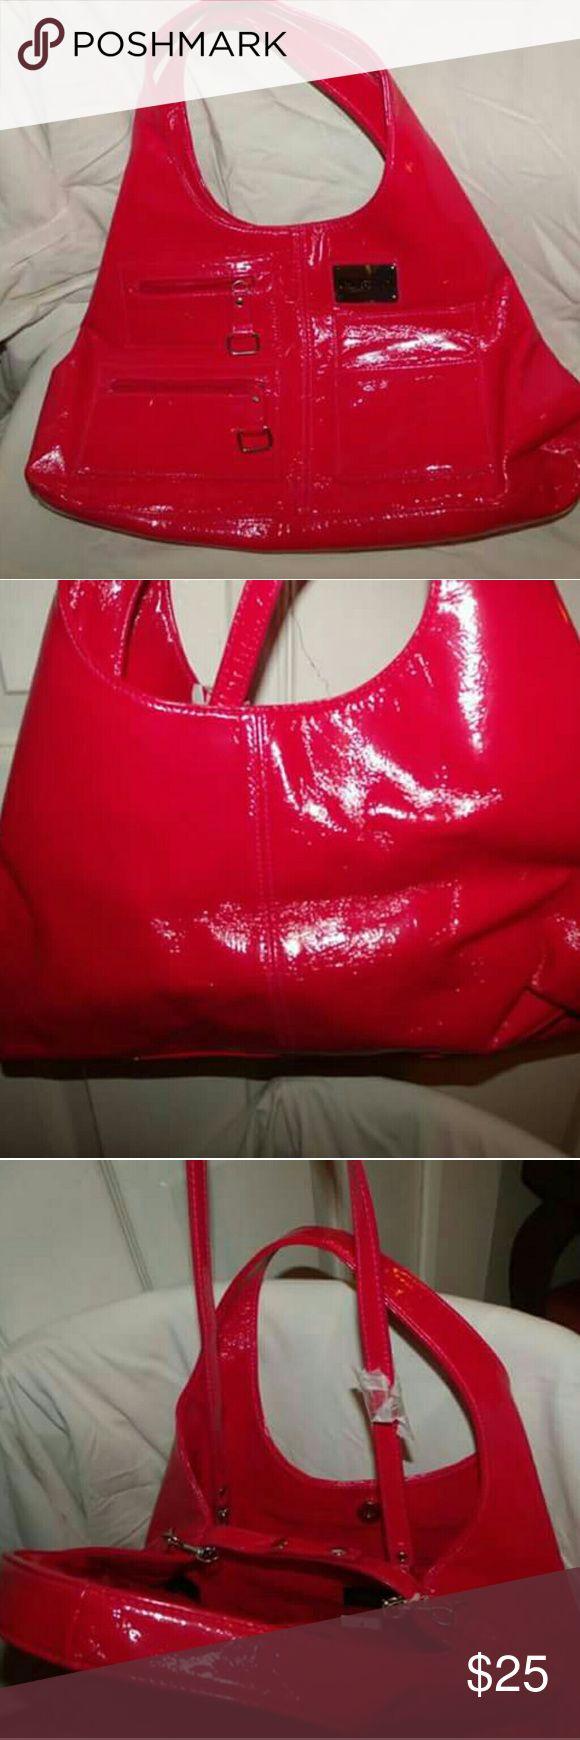 Kenneth Cole Unlisted Patent Hobo Shoulder Bag New Red PVC Patent Hobo/Crossover bag Crossover Strap removes to make Shoulder bag Unlisted Bags Hobos